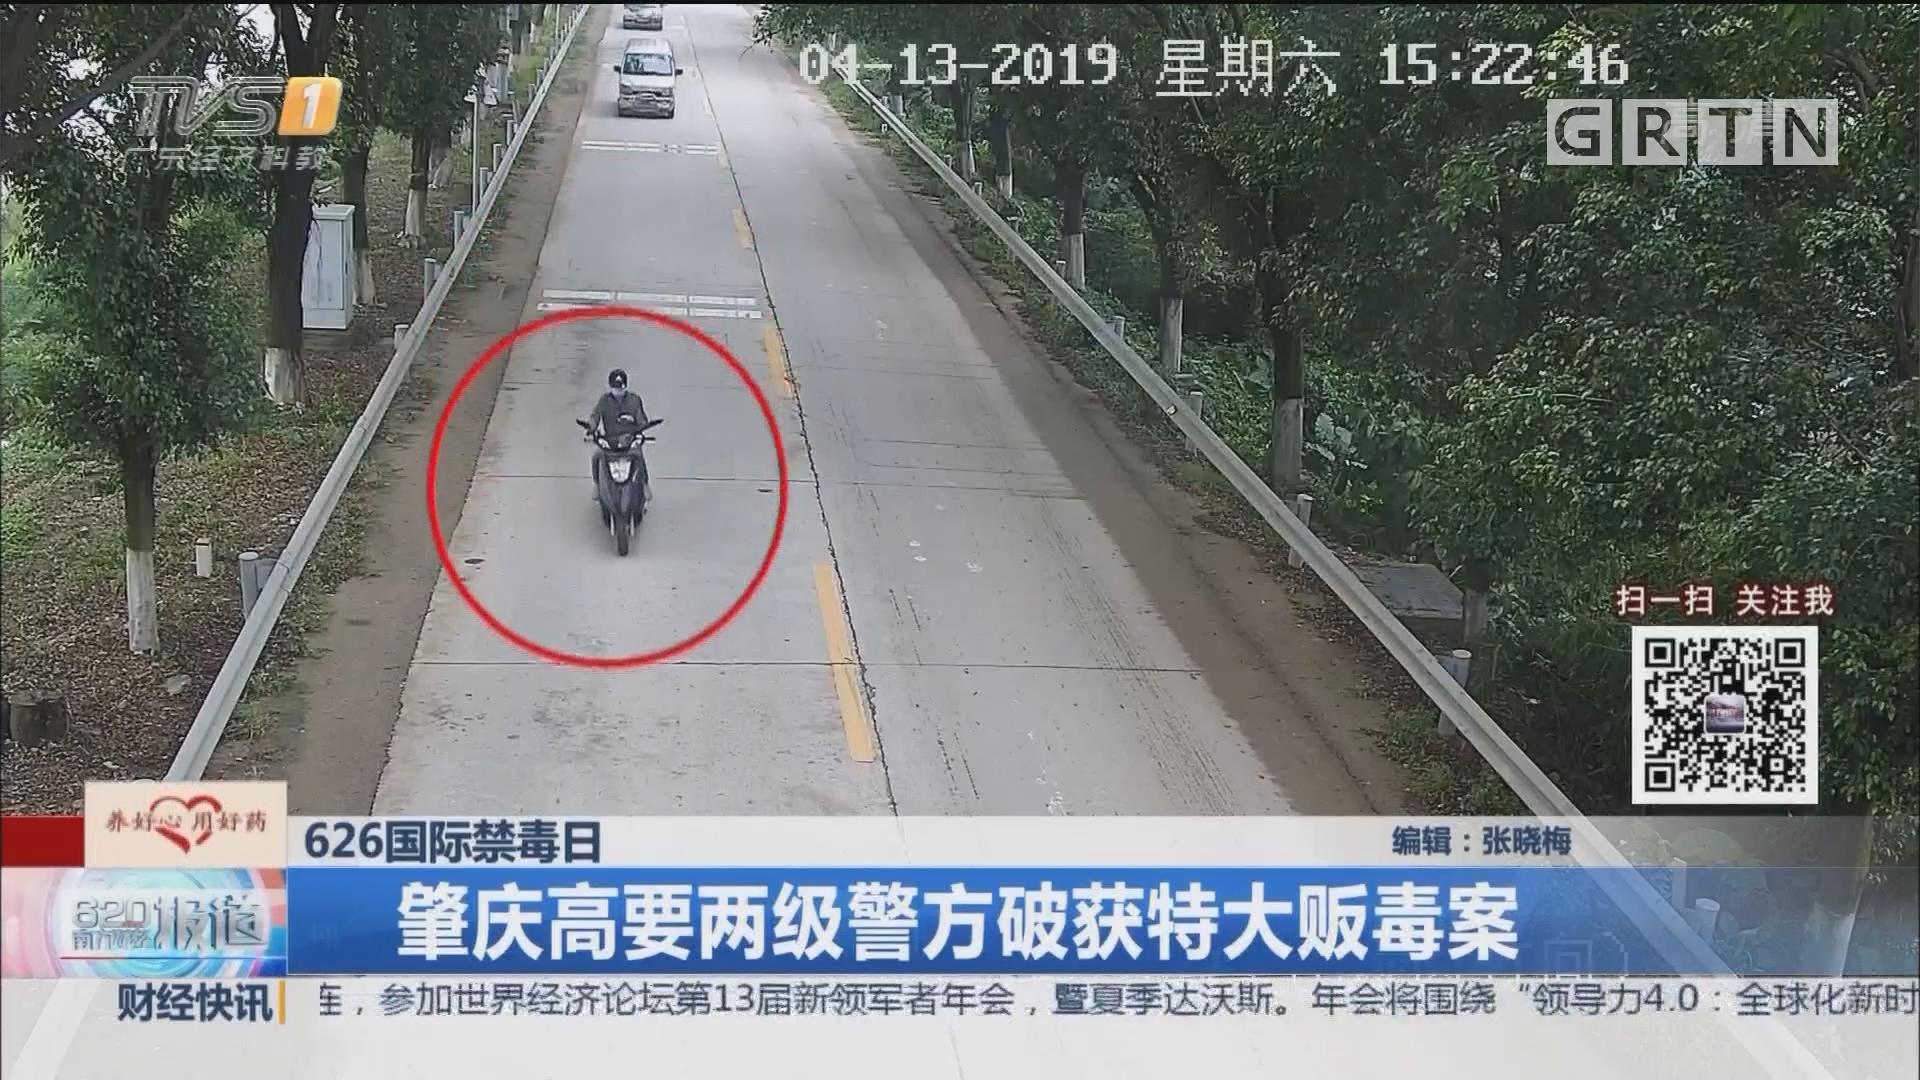 626国际禁毒日:肇庆高要两级警方破获特大贩毒案